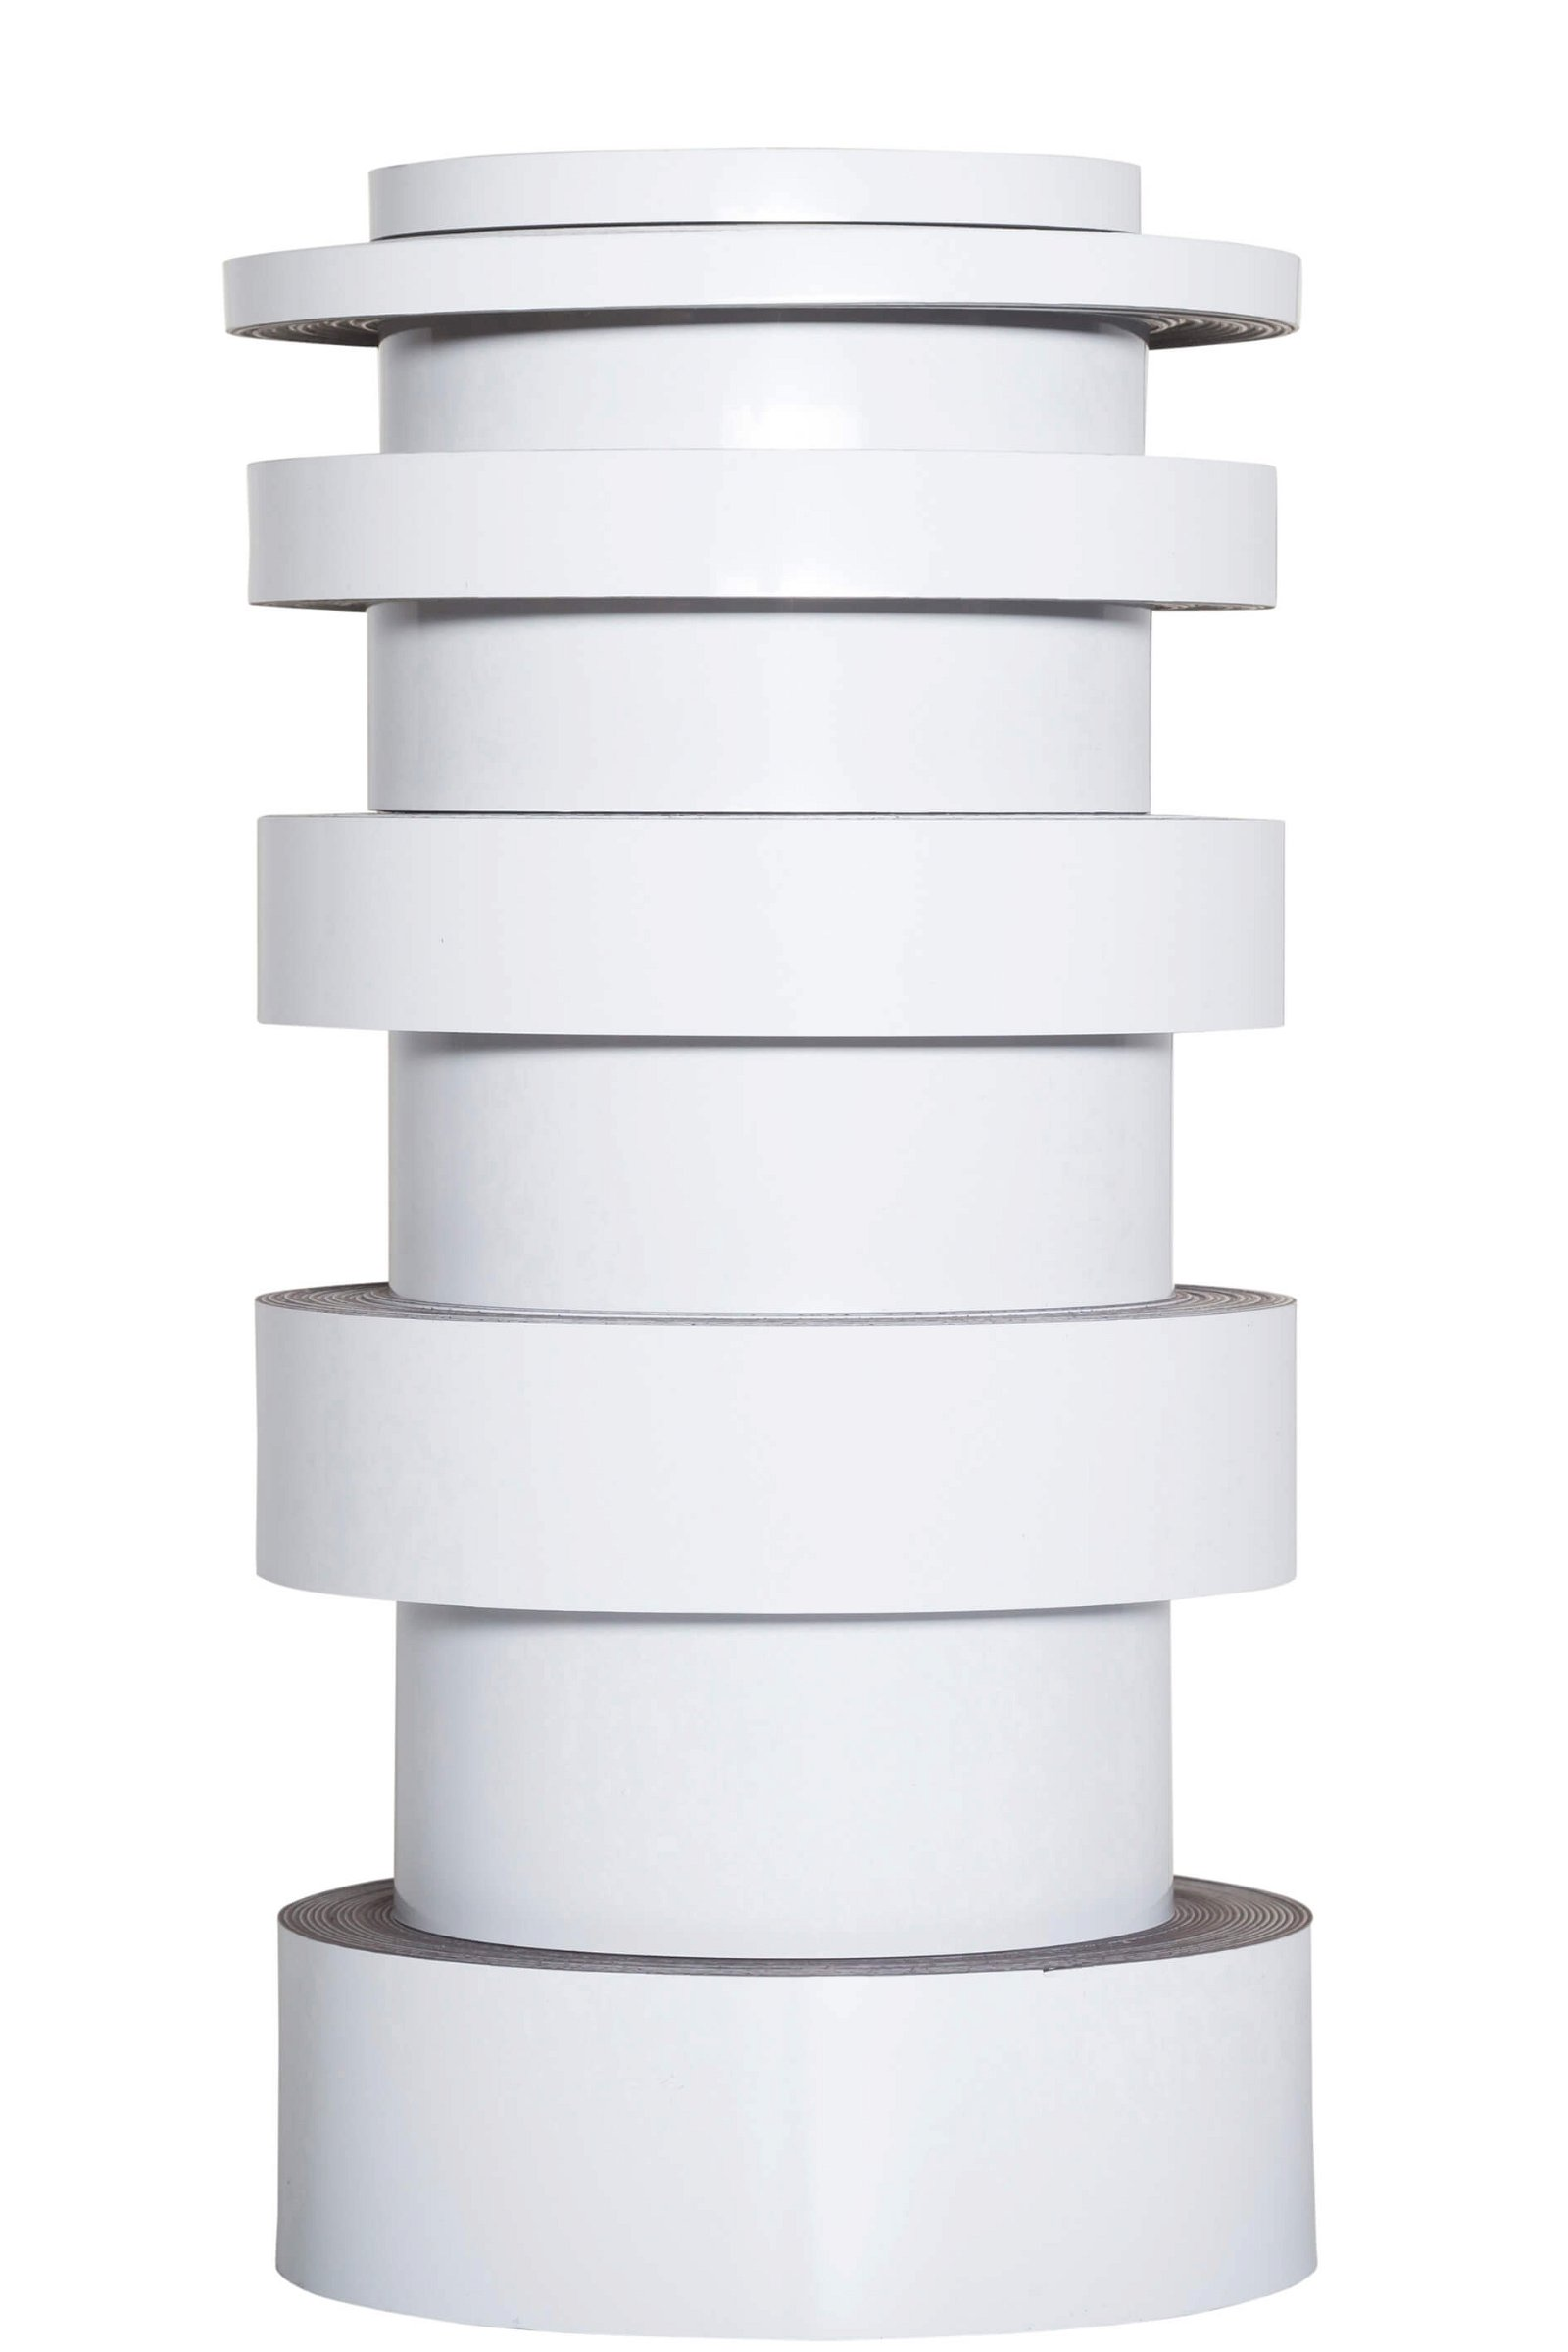 Kennzeichnungsband magnet- haftend, 3 m x 10 mm x 1 mm, weiß